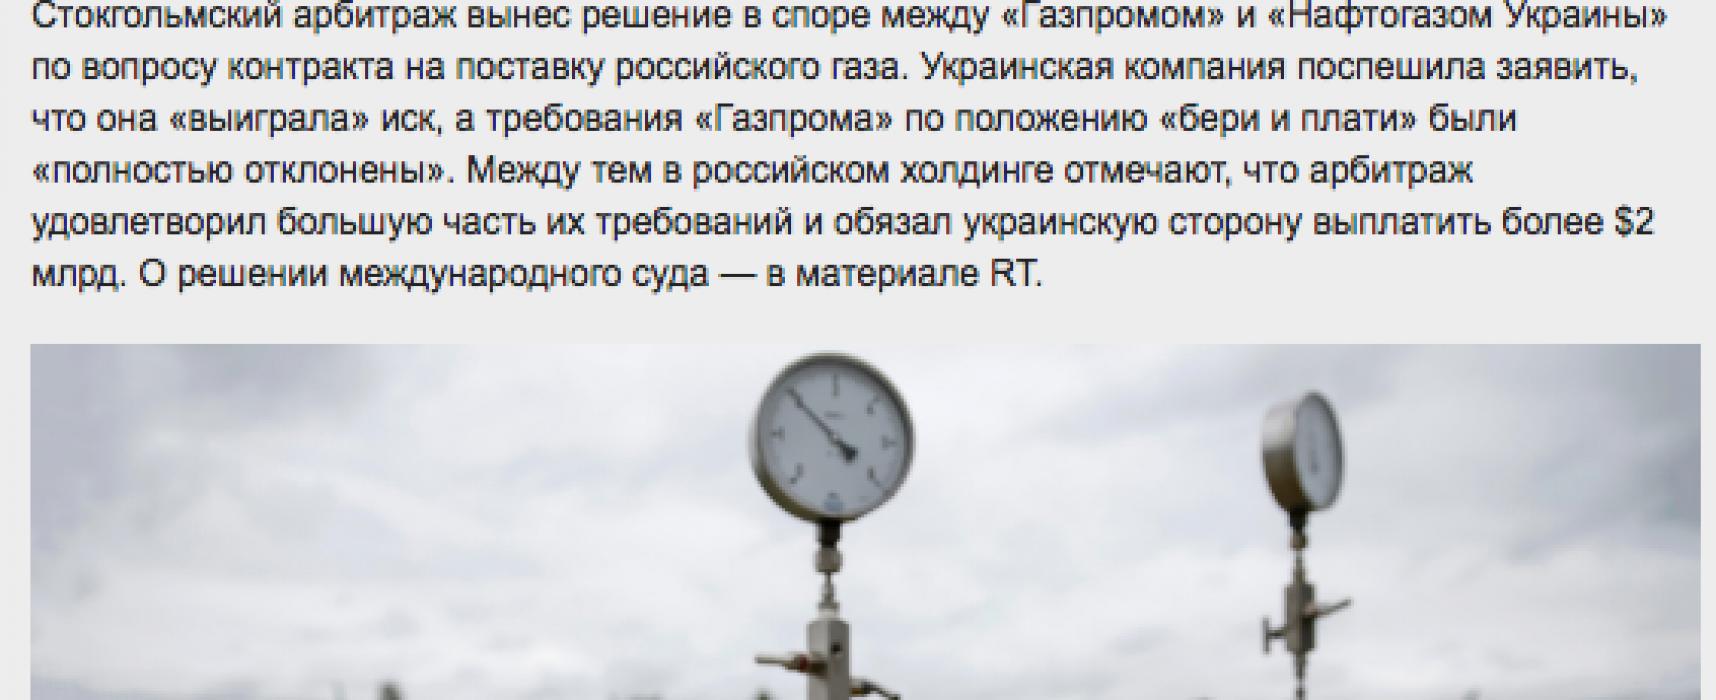 """Fake: L'arbitrato di Stoccolma ha accolto le richieste di Gazprom e non di """"Naftogaz"""""""